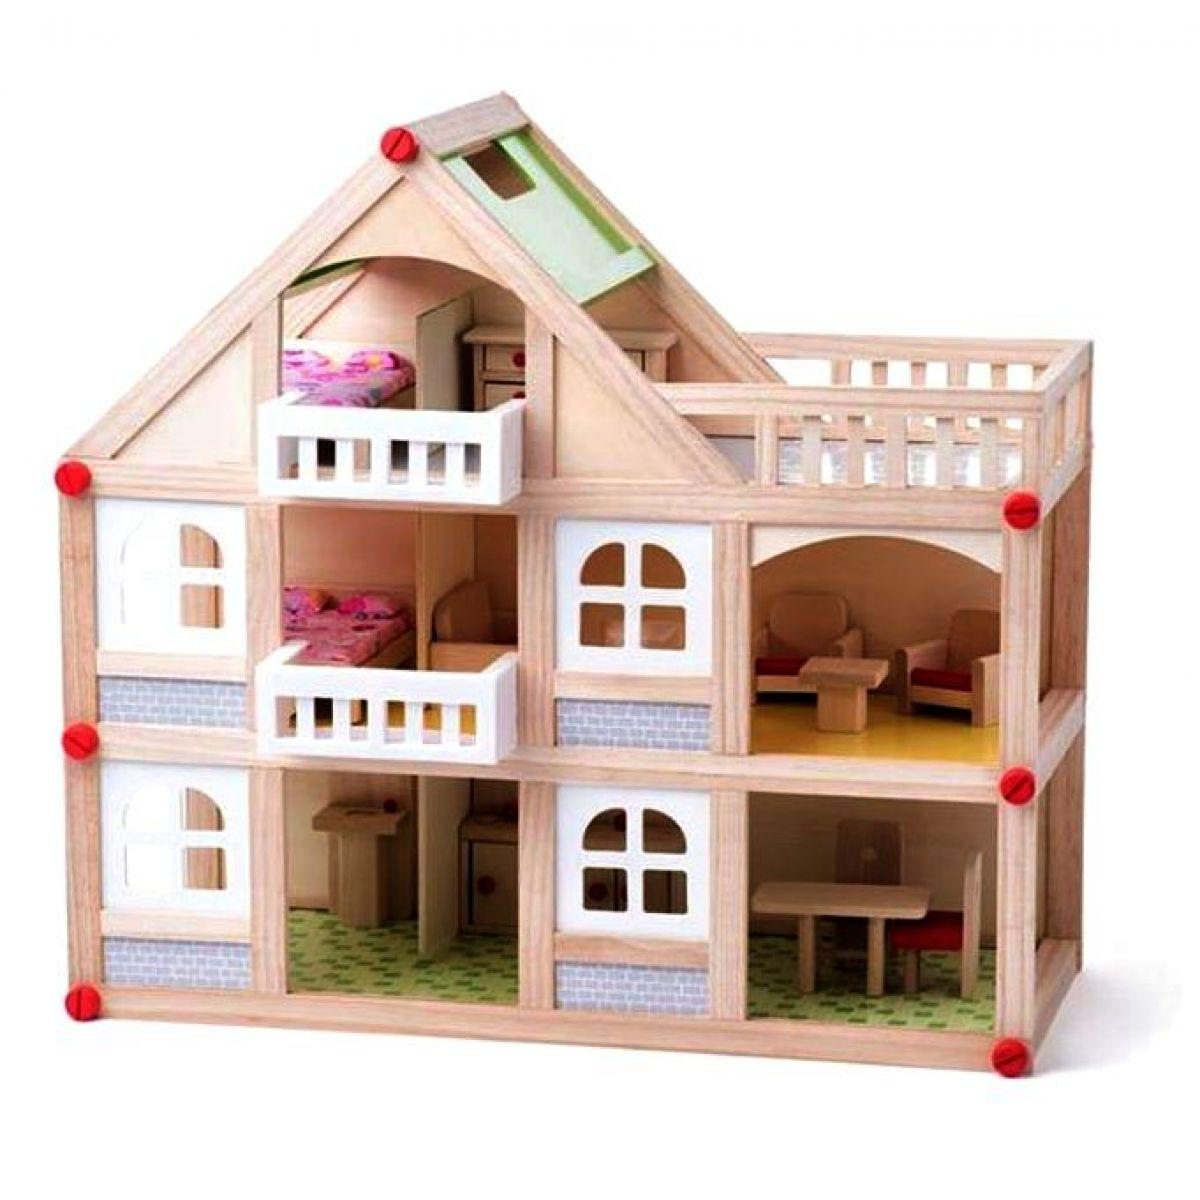 Woody Dřevěný domeček pro panenky dvoupatrový s příslušenstvím